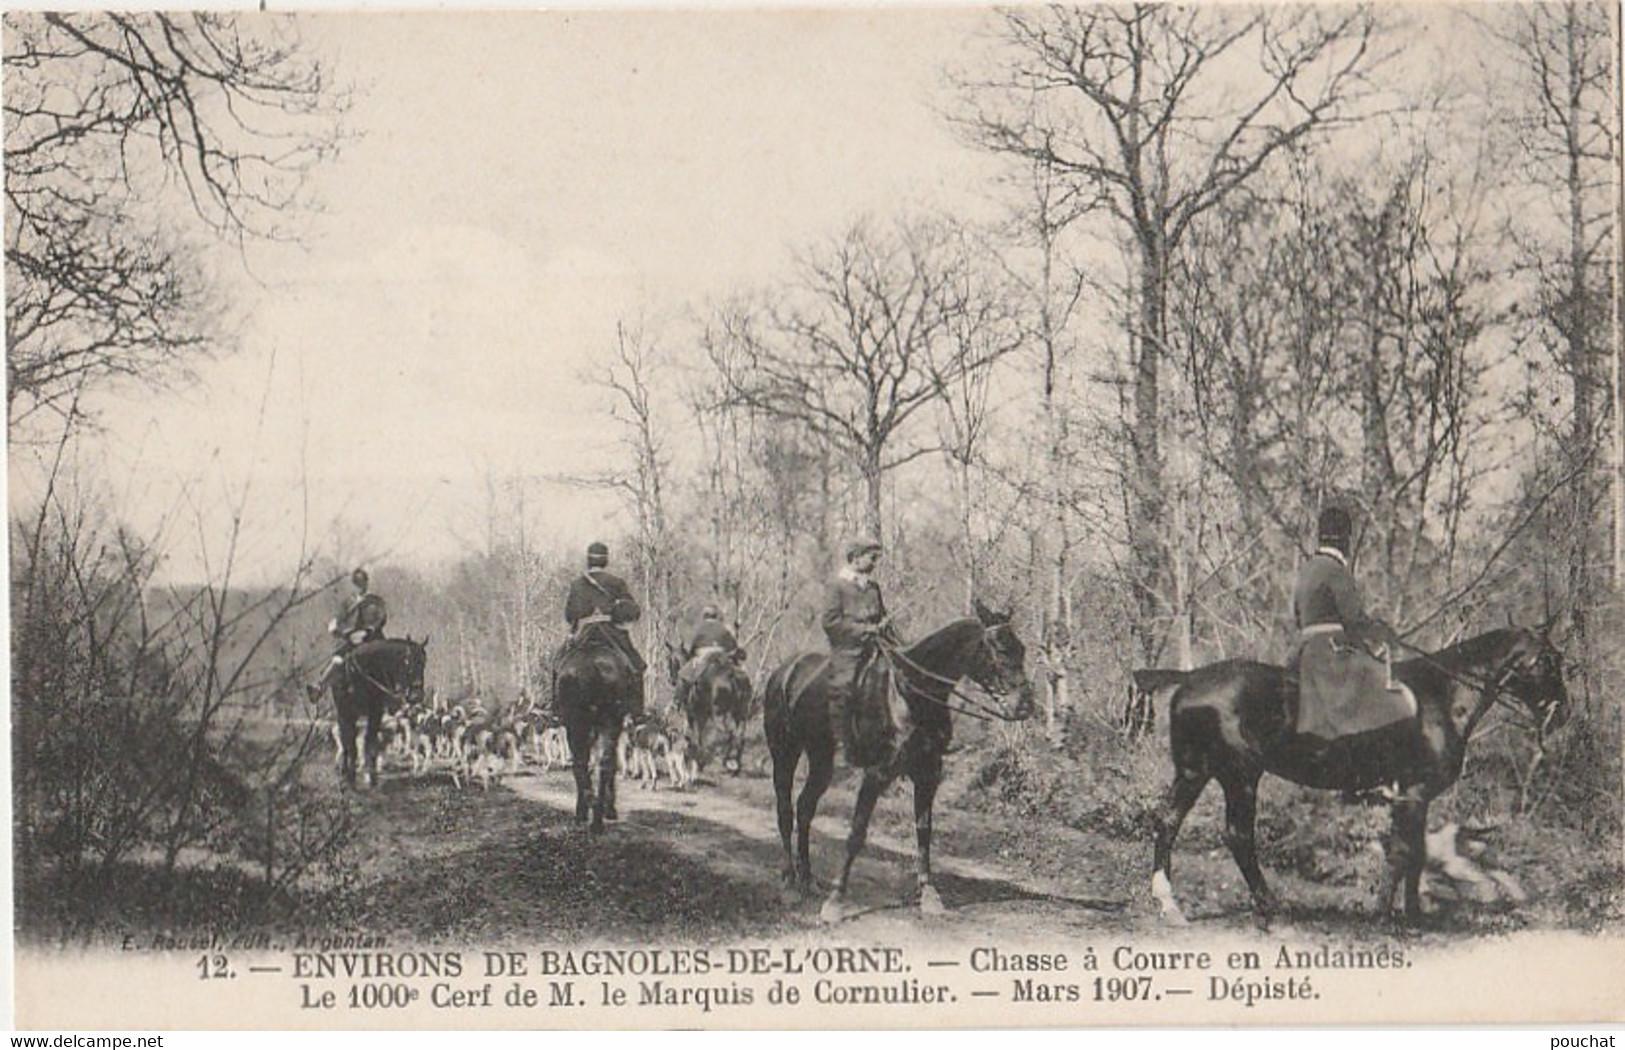 ENVIRONS DE BAGNOLES DE L'ORNE - CHASSE A COURRE EN ANDAINES - 1000° CERF DE M. LE MARQUIS DECORNULIER - DEPISTE - Bagnoles De L'Orne